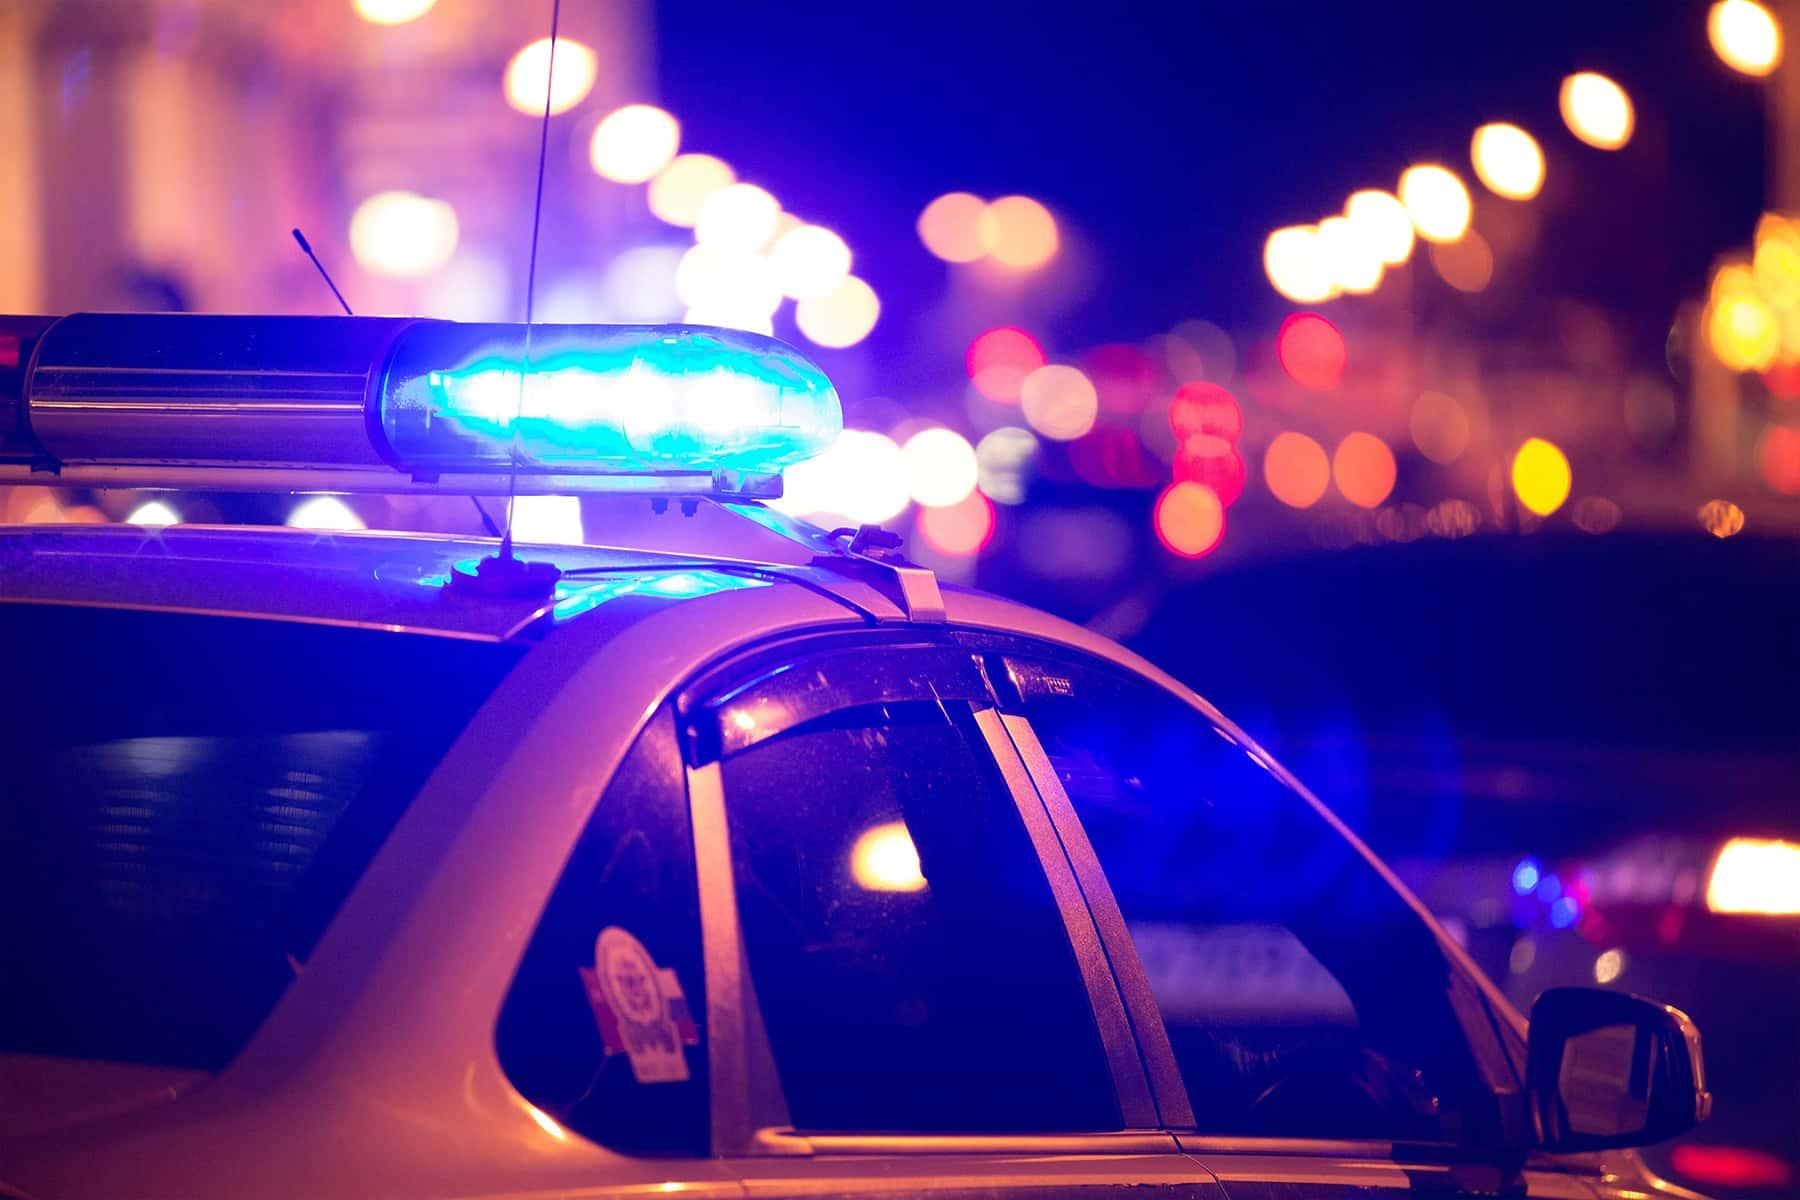 062320_policemyth_02